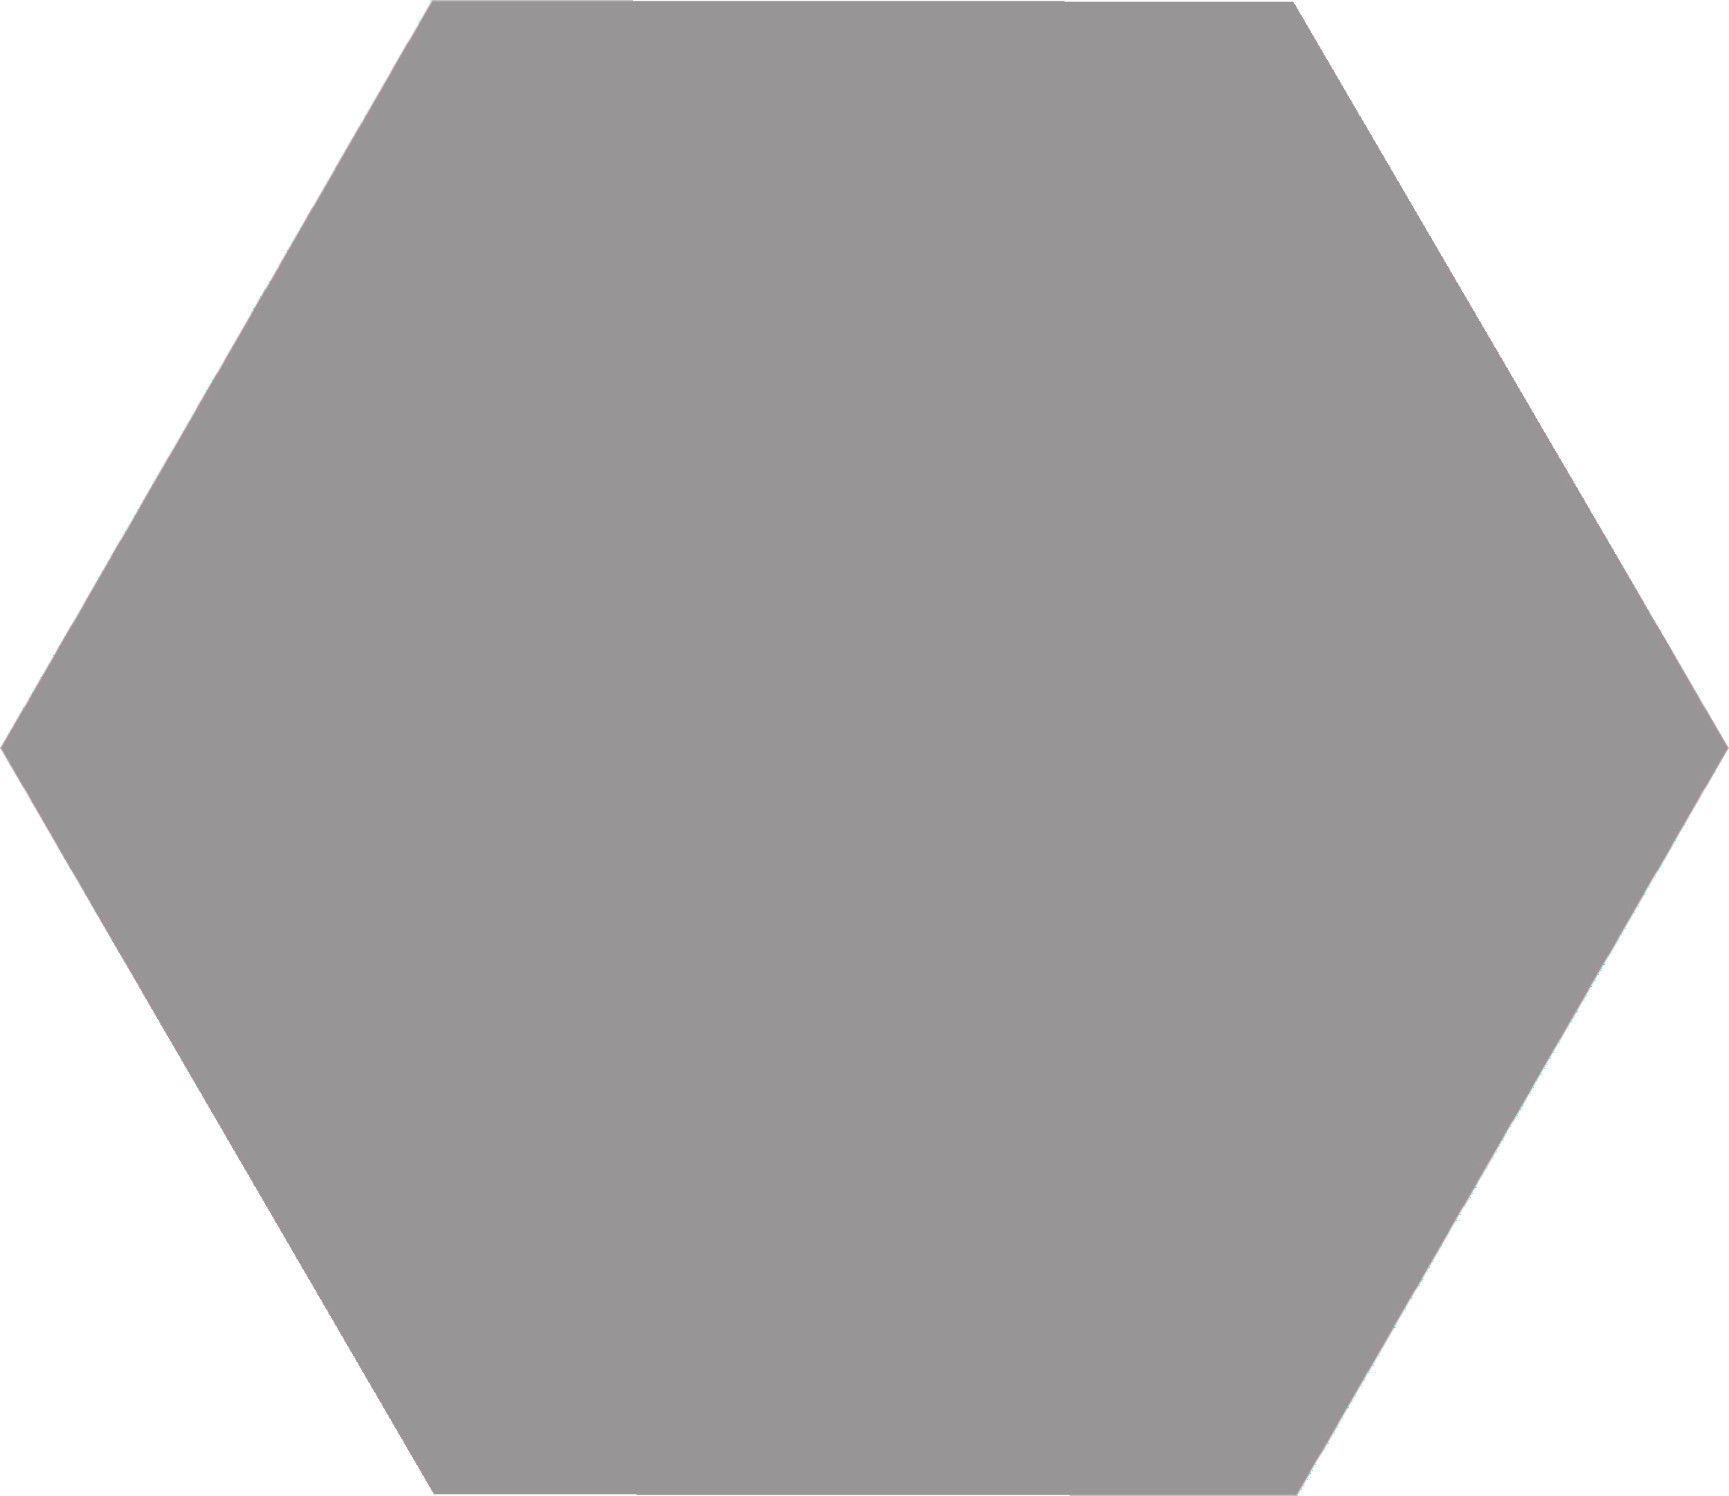 Hex 25 Basic Grey 22x25 Płytka heksagonalna